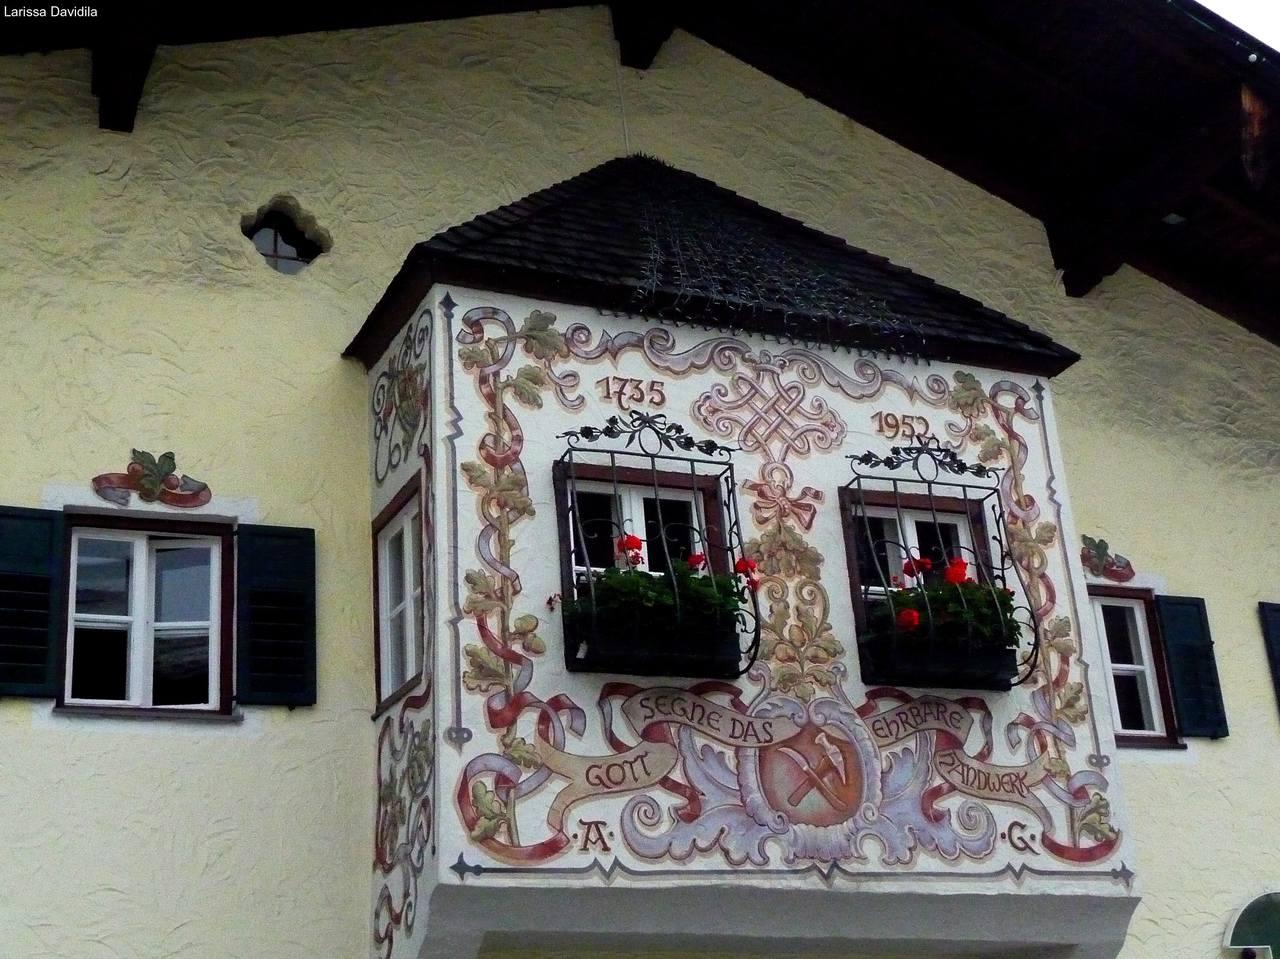 St. Johann -25-8-08 (7) dd